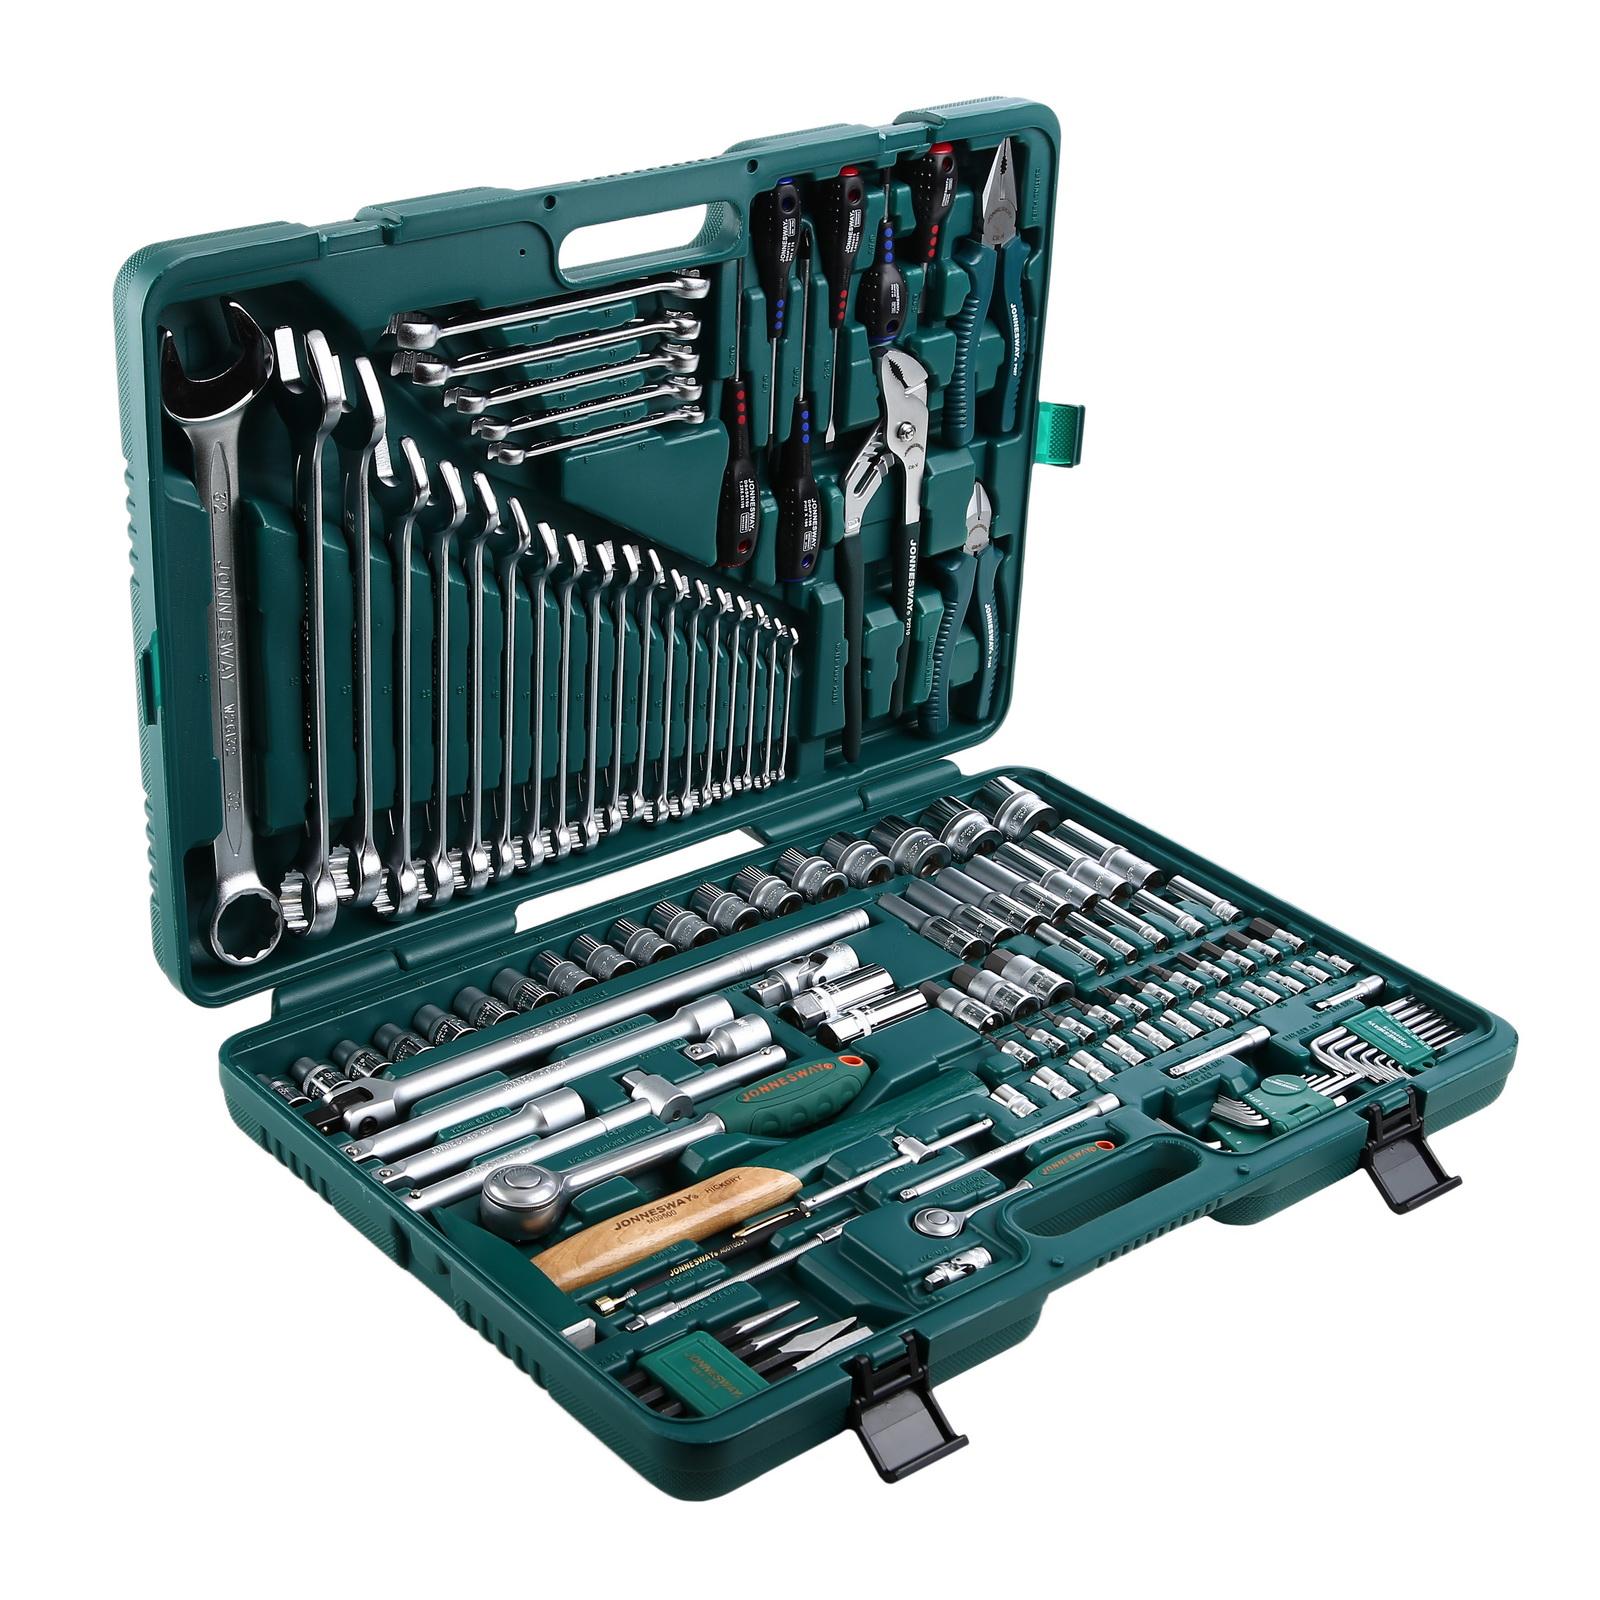 Набор инструментов в пластиковом кейсе, 128 предметов Jonnesway S04h524128s набор инструментов jonnesway s04h524128s